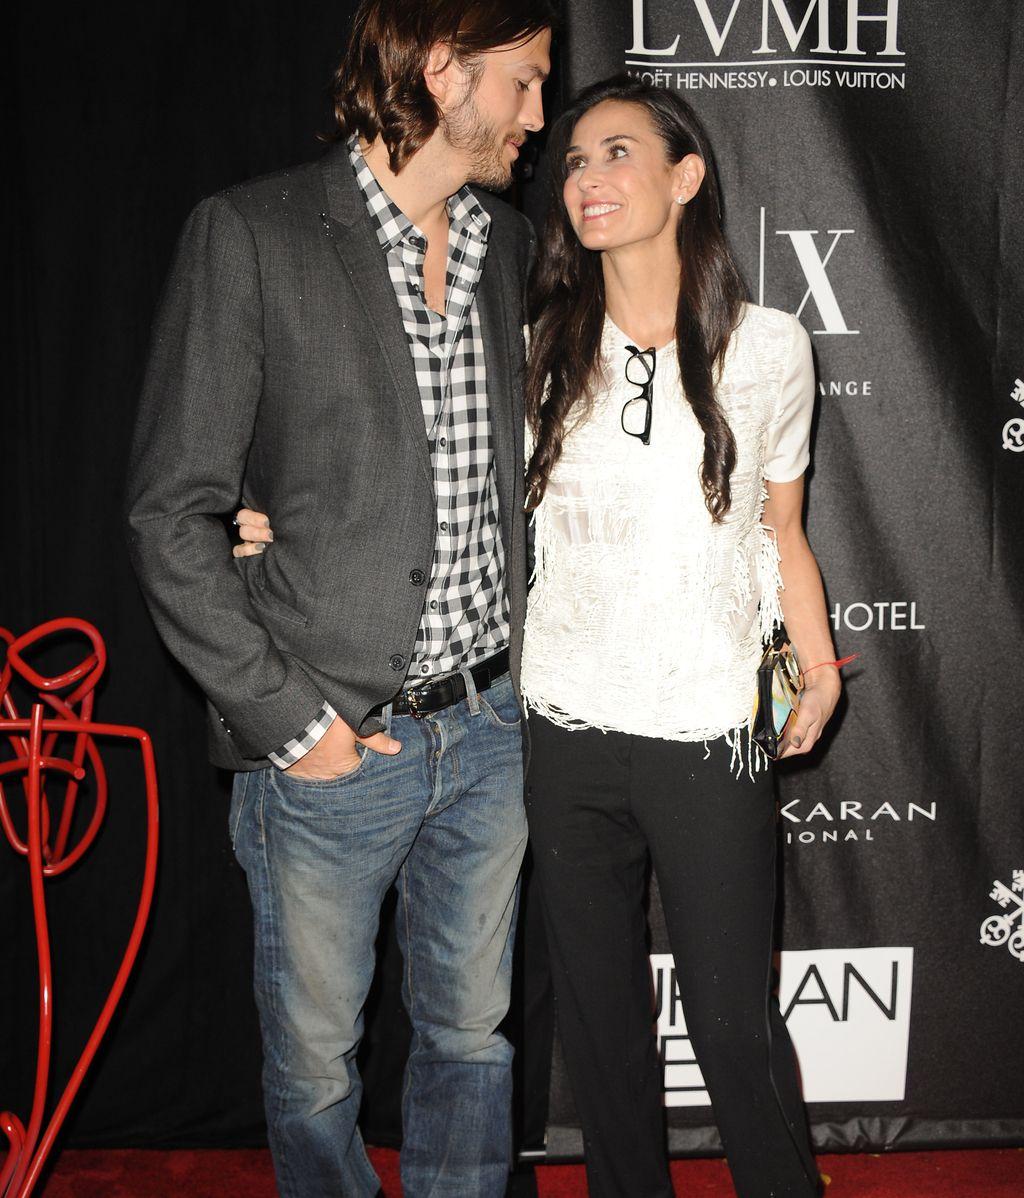 La pareja en una de sus últimas apariciones públicas en junio de 2011